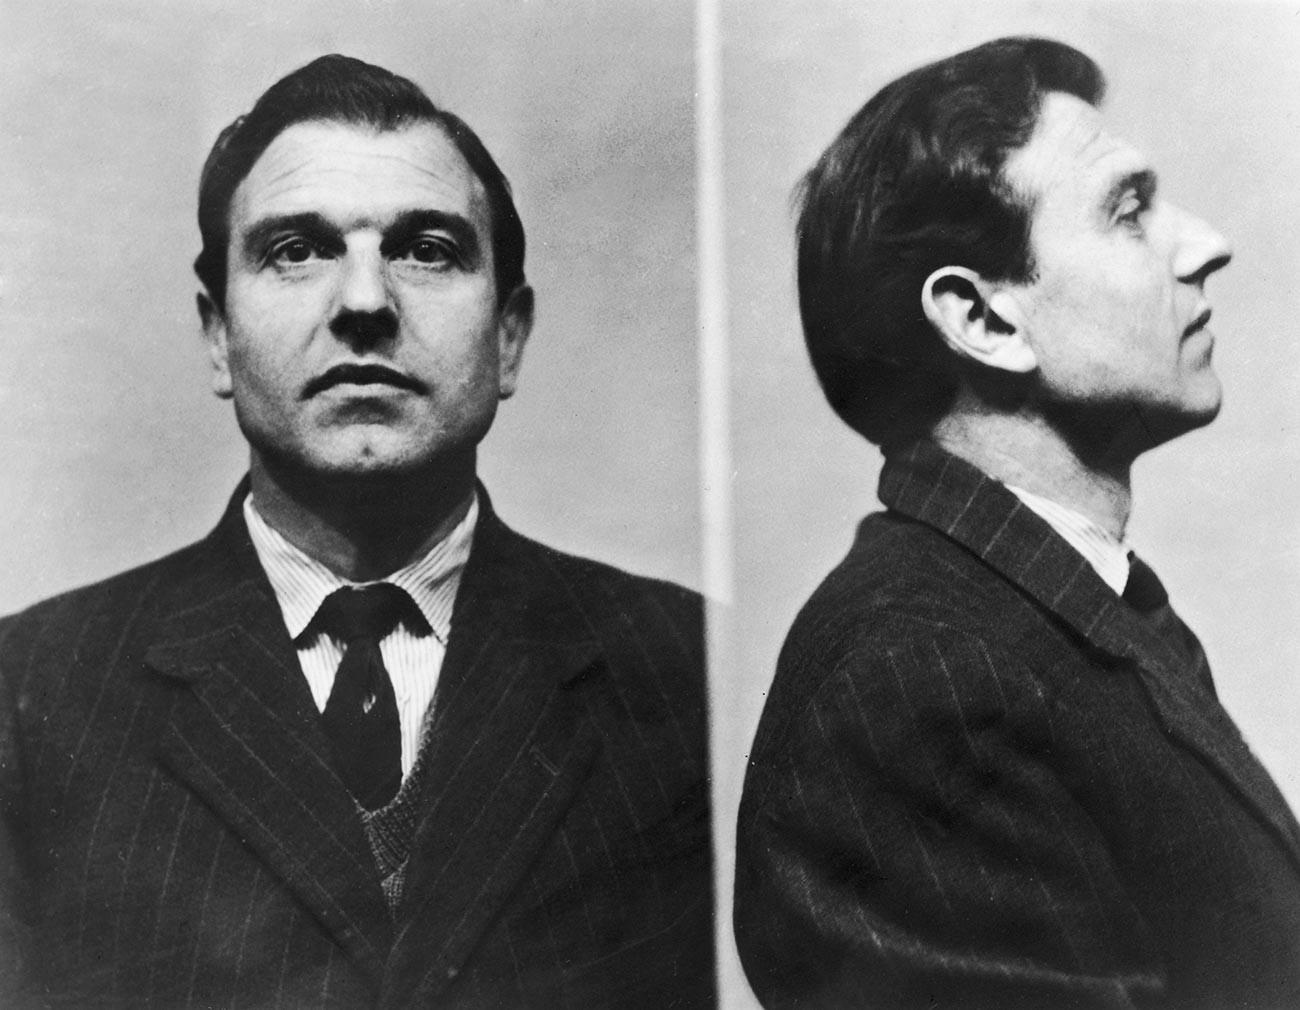 Fotografias do fichamento de George Blake na prisão, em 1961.